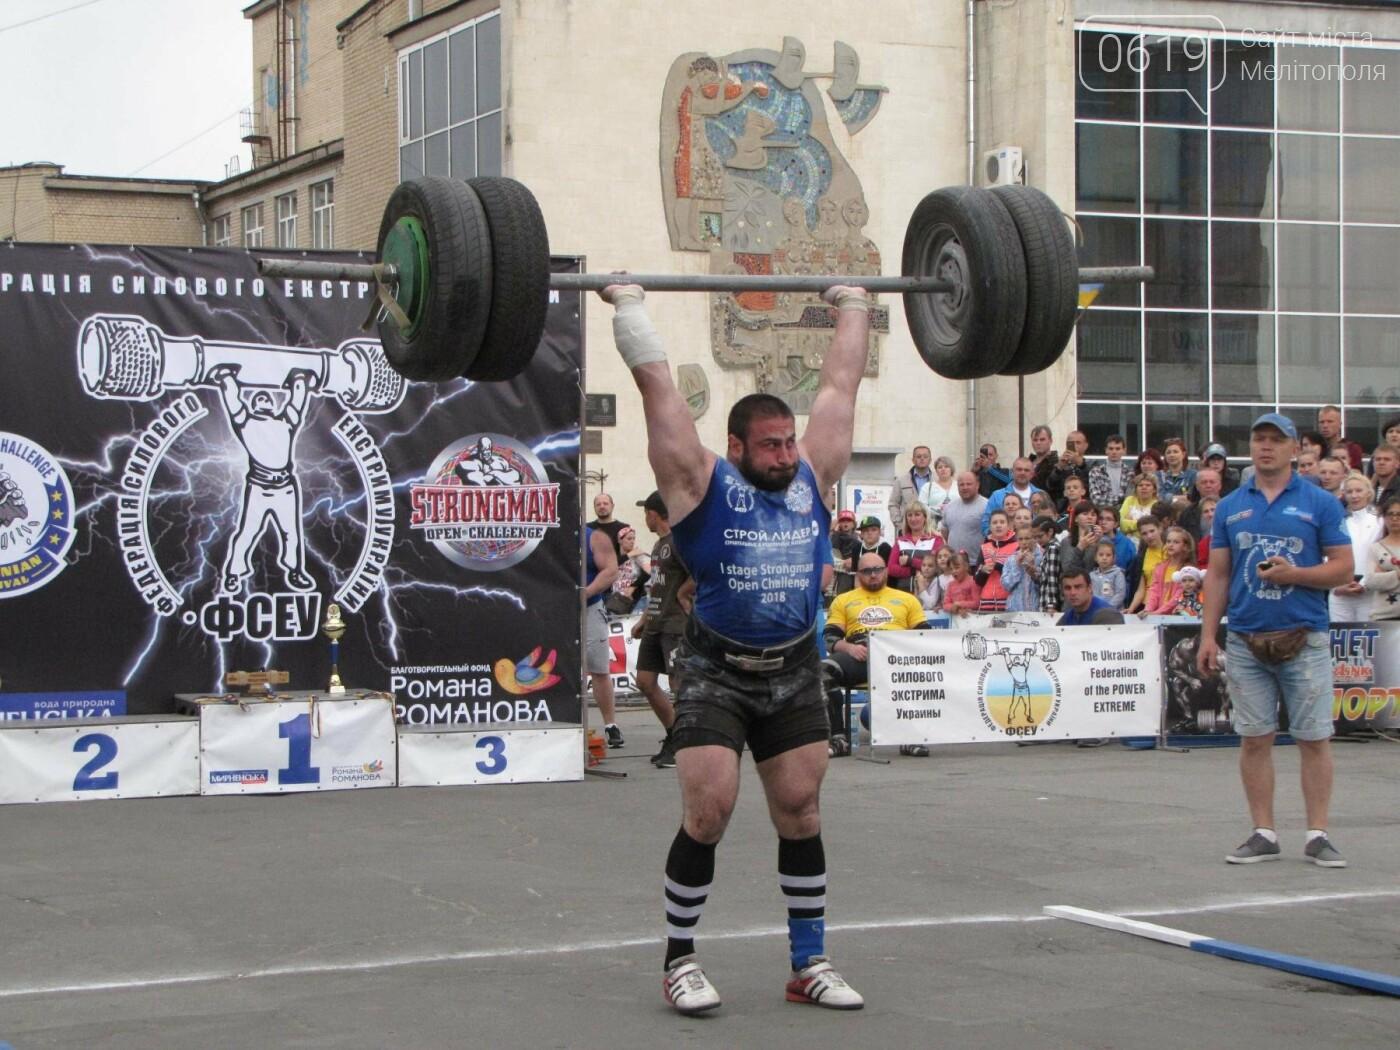 Три победы за неделю: мелитопольский богатырь выиграл второй этап международного чемпионата, фото-39